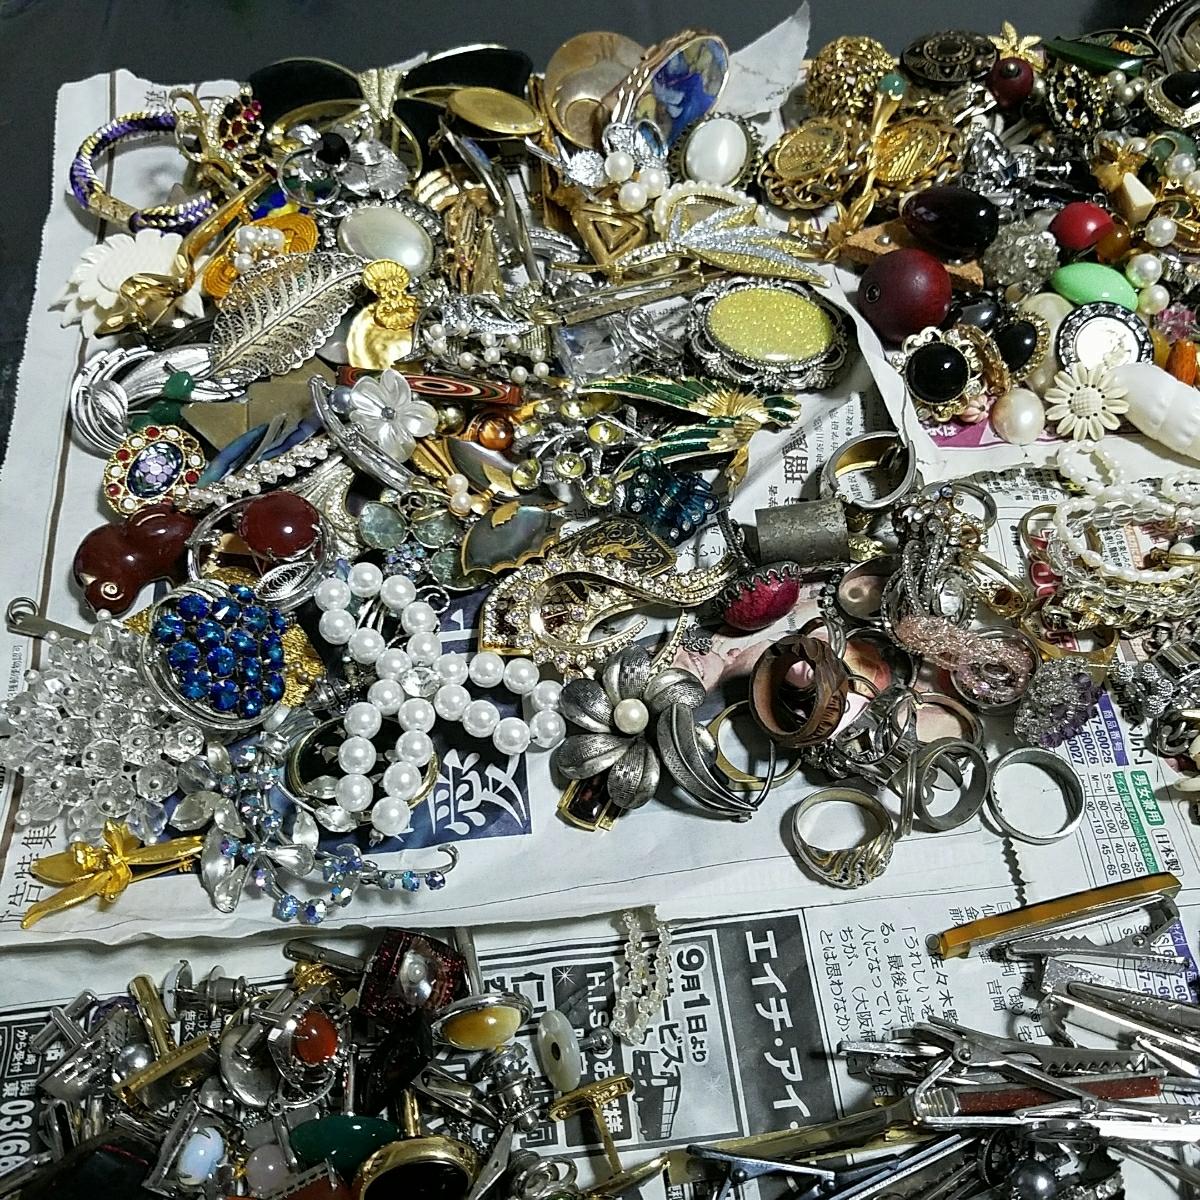 アクセサリー 大量約5キロ silver刻印 & シャネル 等各種ブランド 多数含む イミテーション 真珠 ネックレス タイピング 指輪 イヤリング_画像5